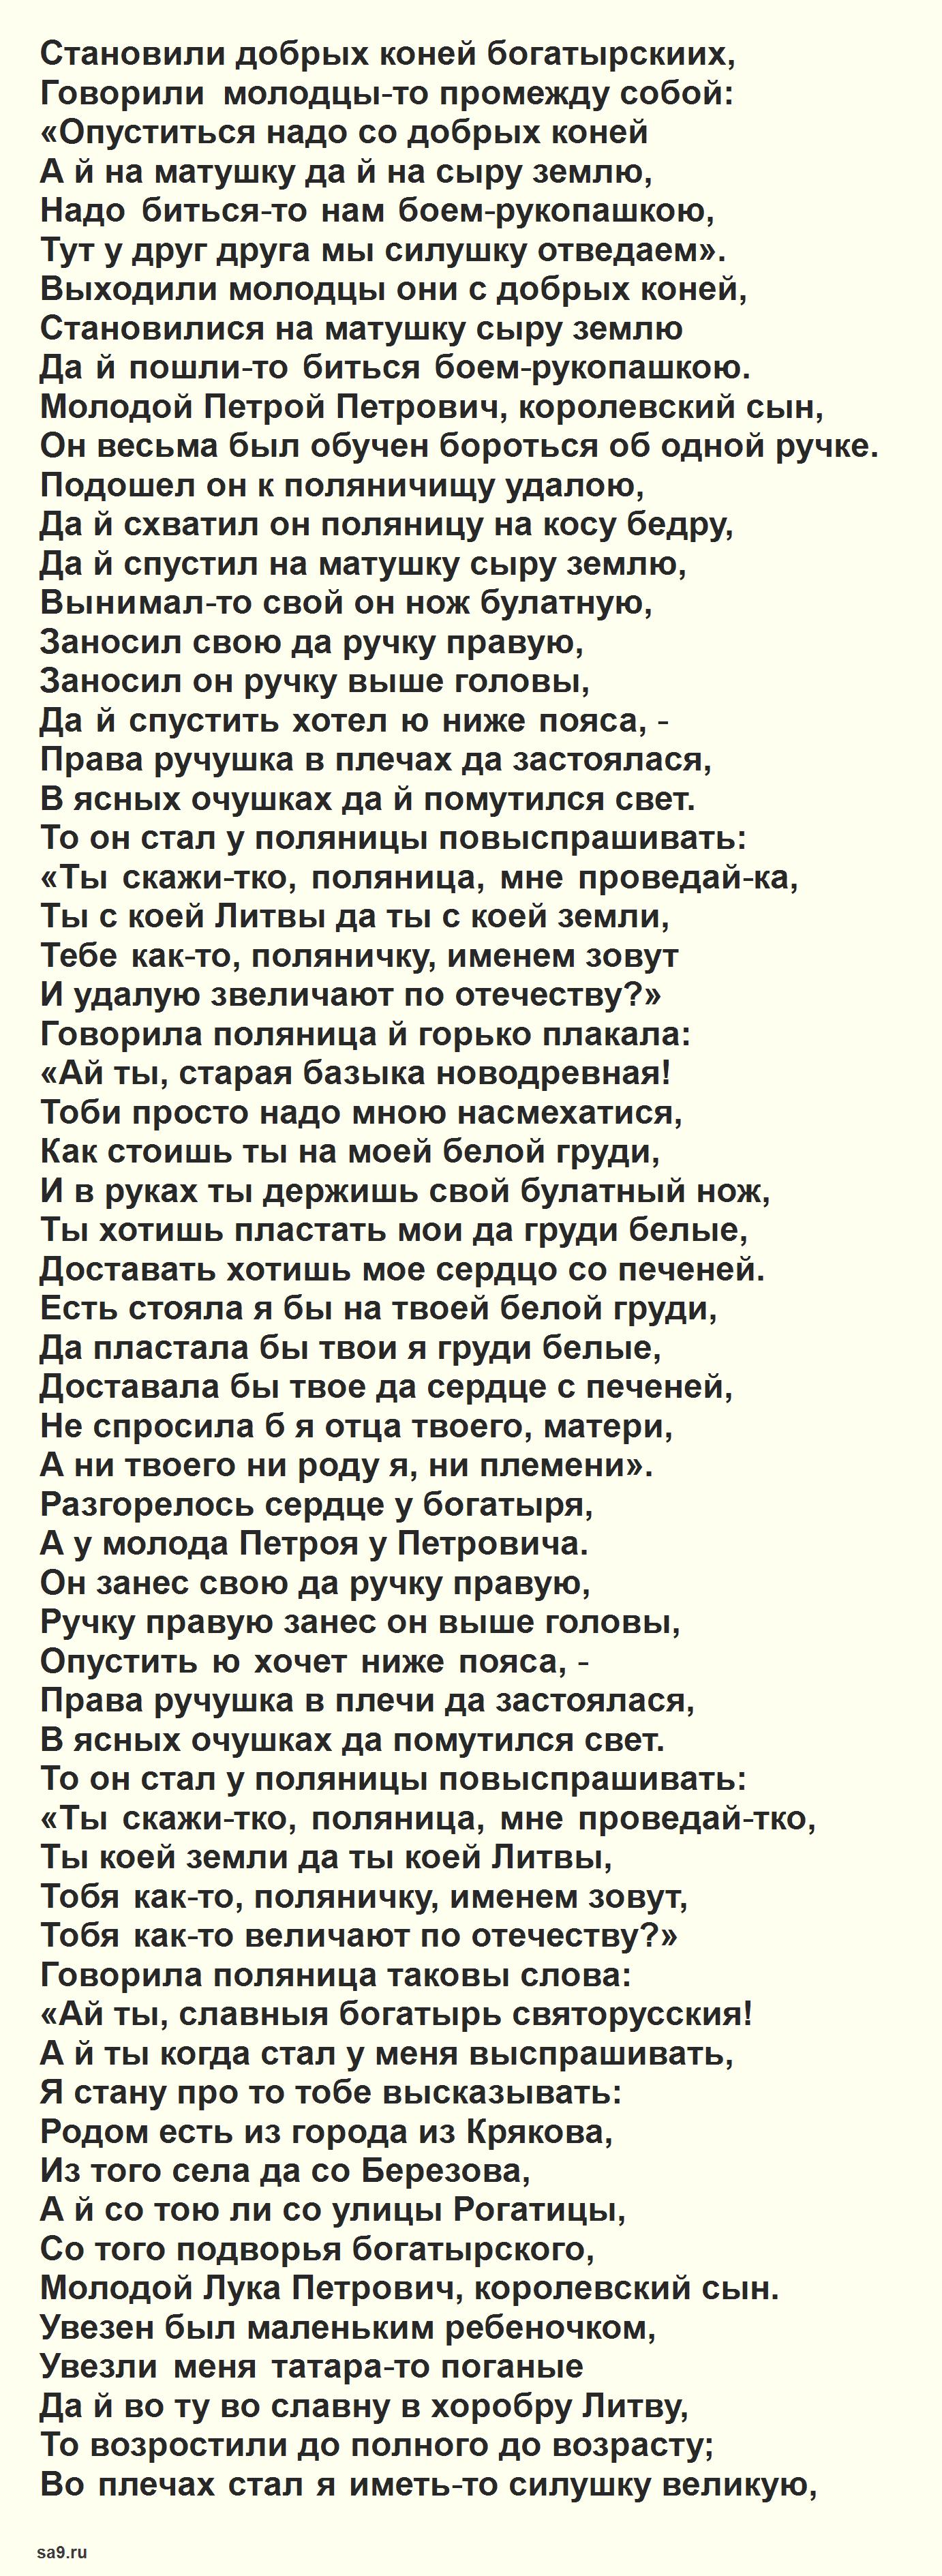 Читать былину - Королевичи из Крякова, полностью